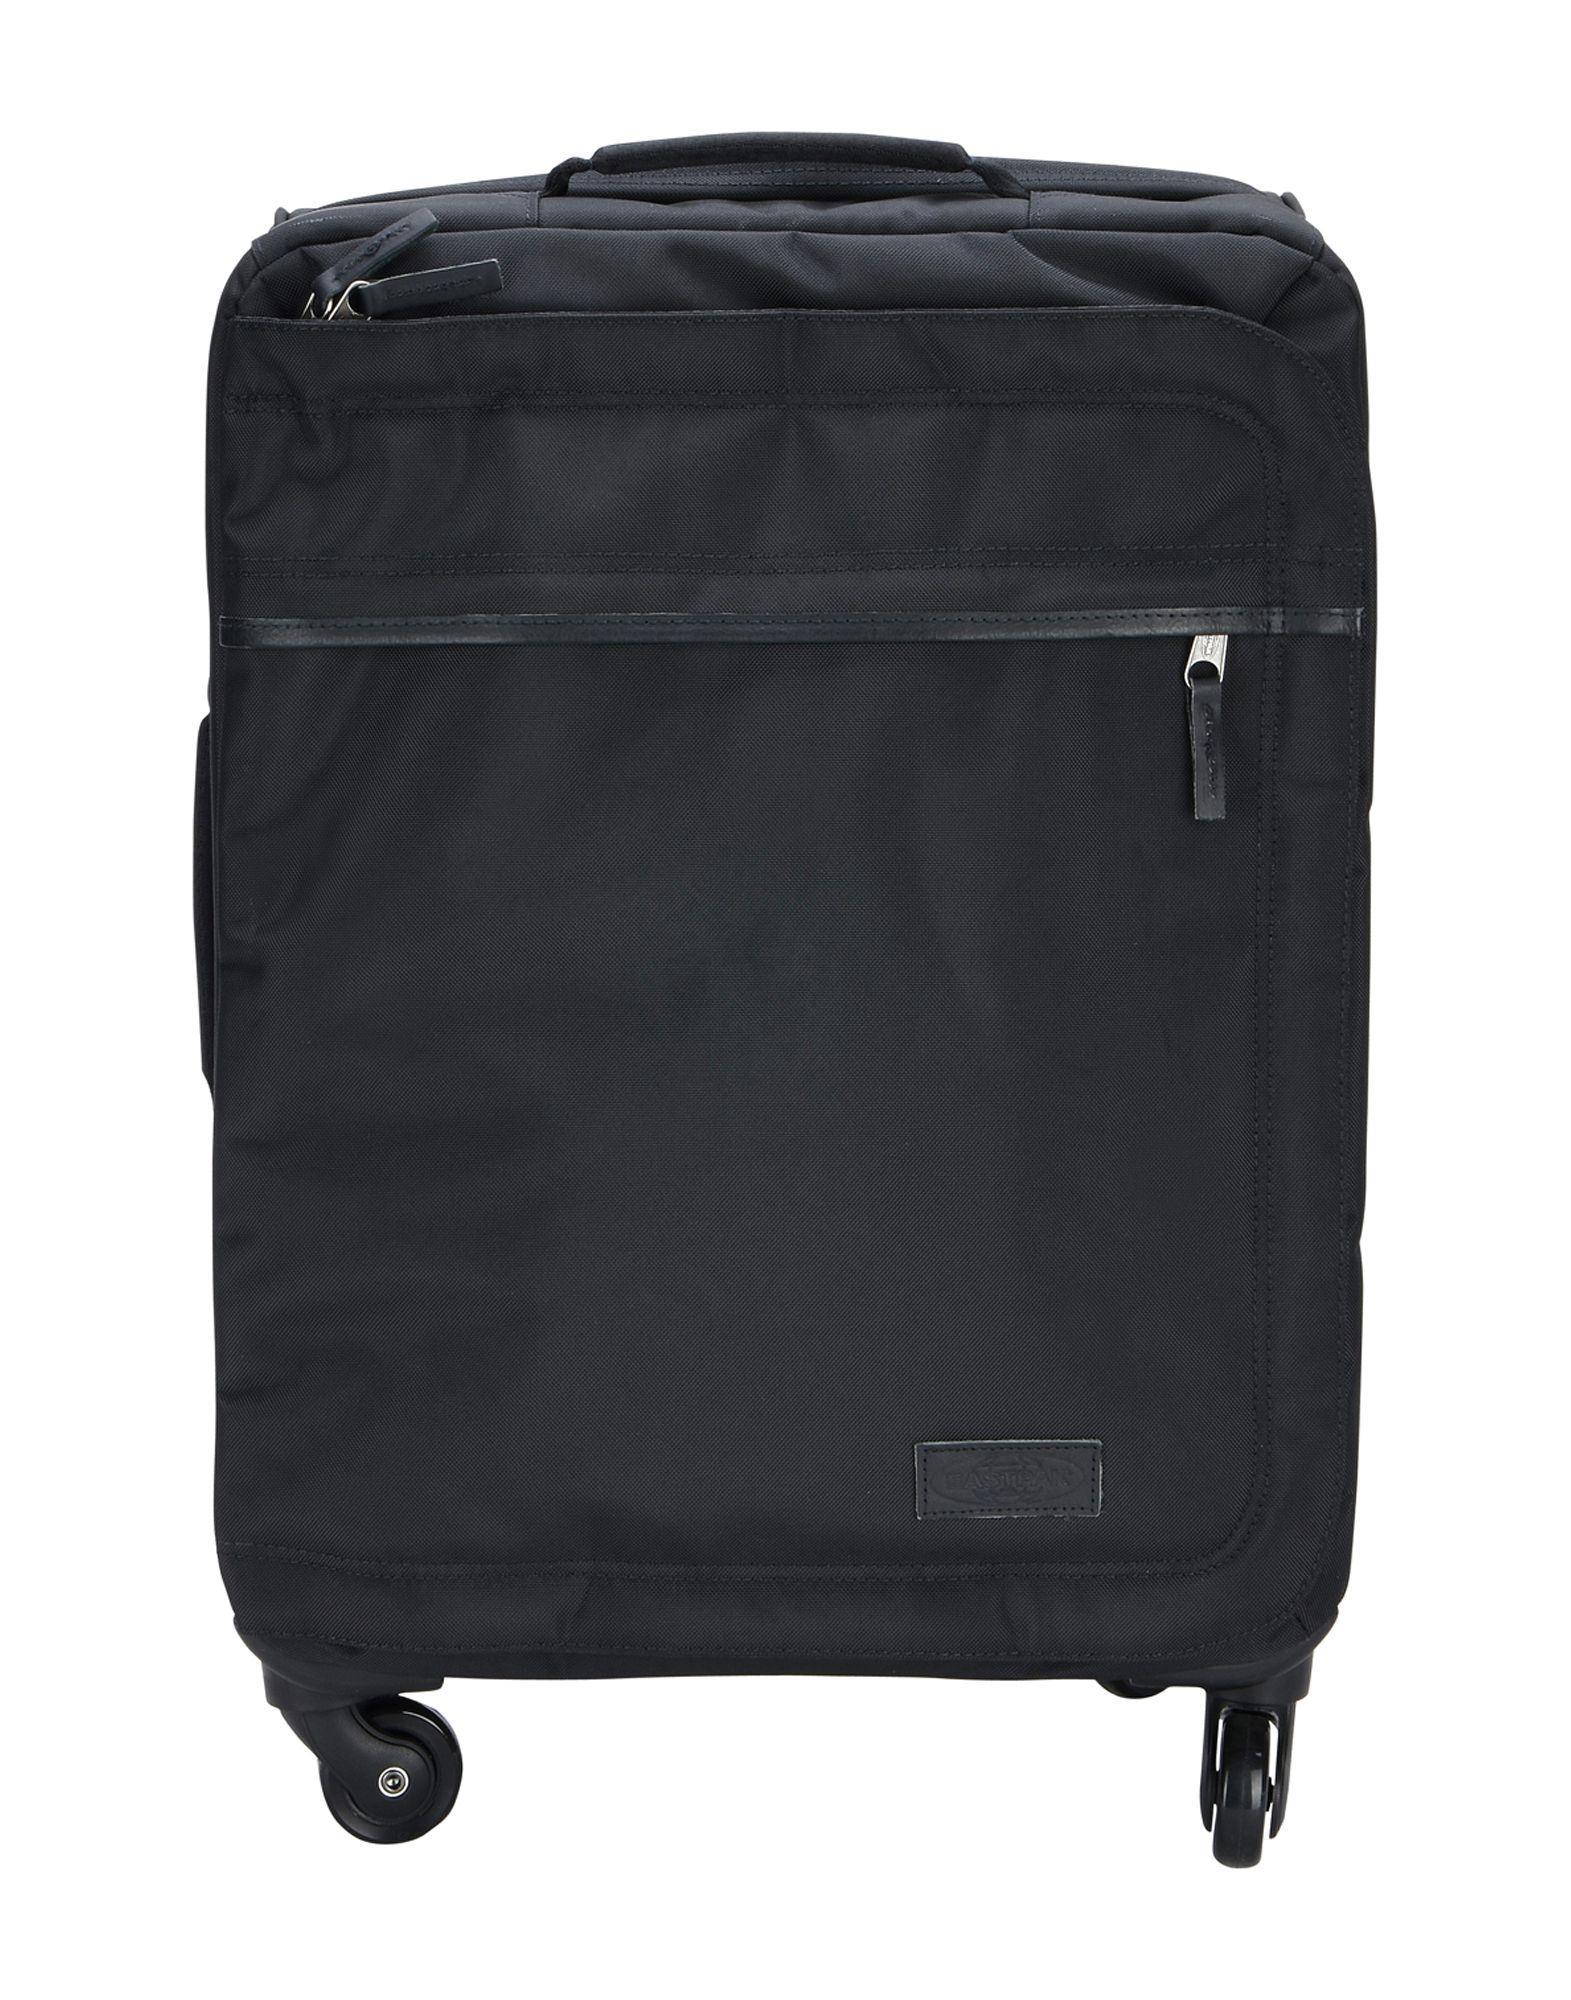 EASTPAK Чемодан/сумка на колесиках сумка printio строй корабль лего